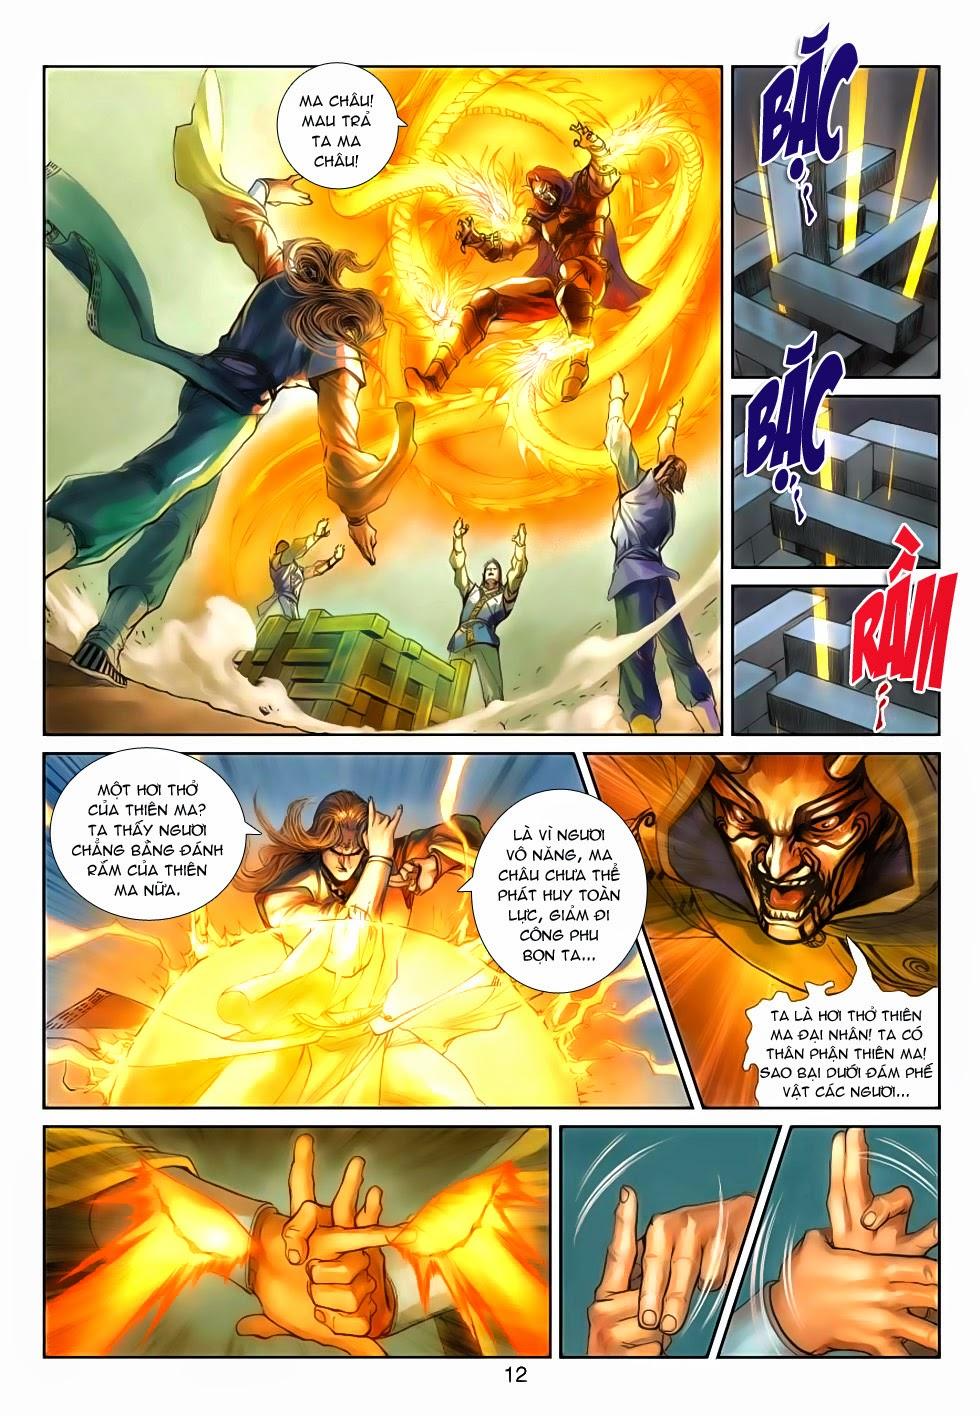 Thần Binh Tiền Truyện 4 - Huyền Thiên Tà Đế chap 5 - Trang 12